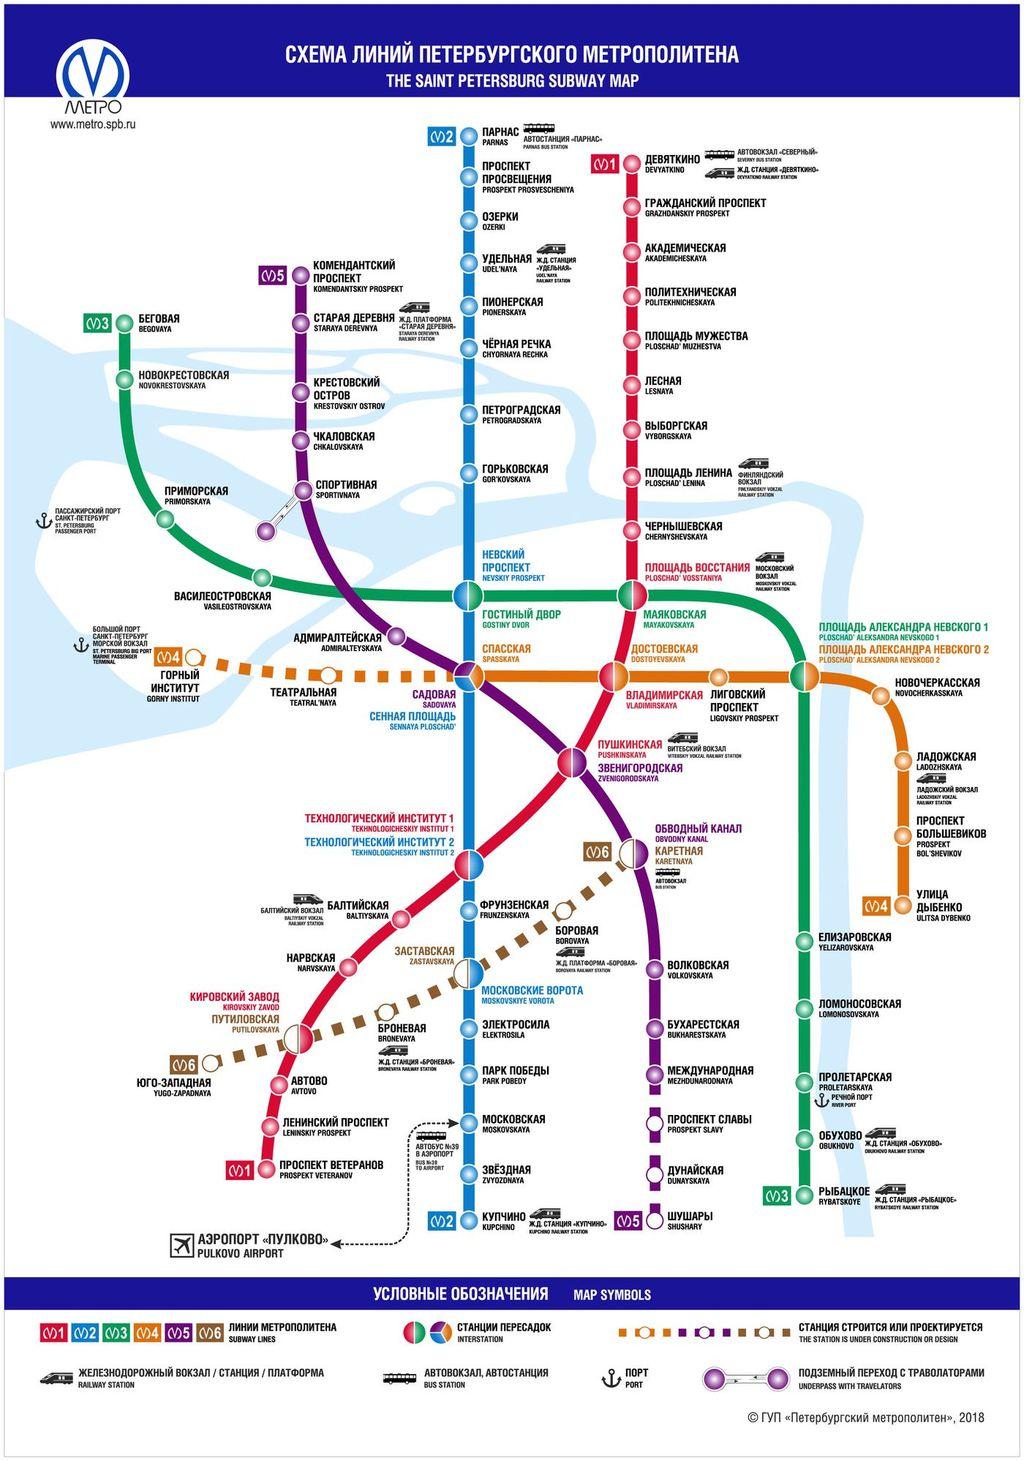 scheme metro Petersburg